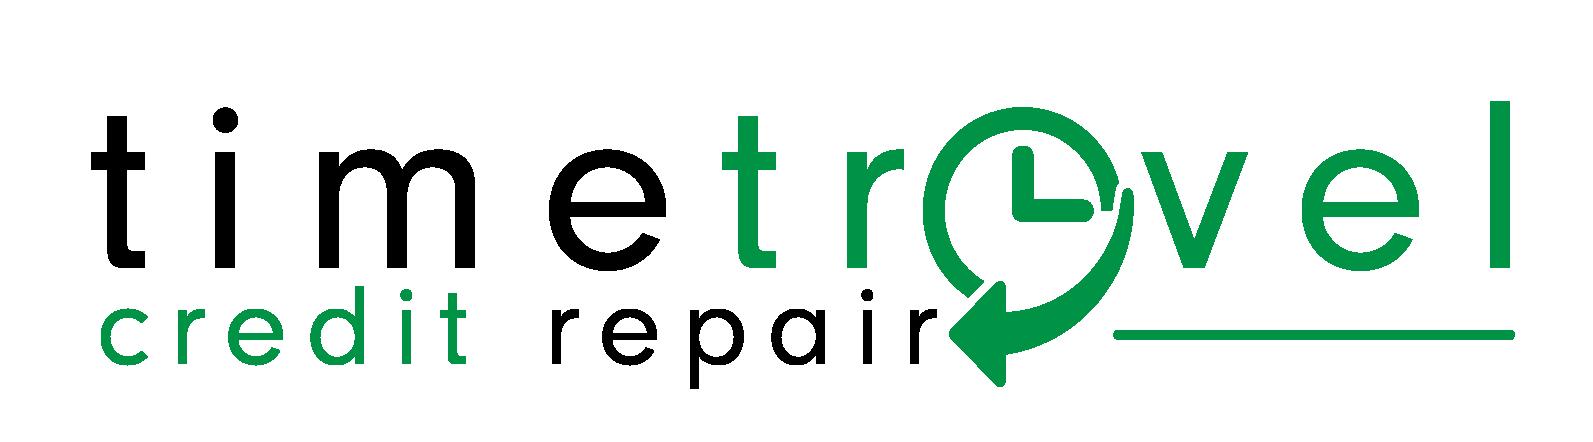 Time Travel Credit Repair Logo